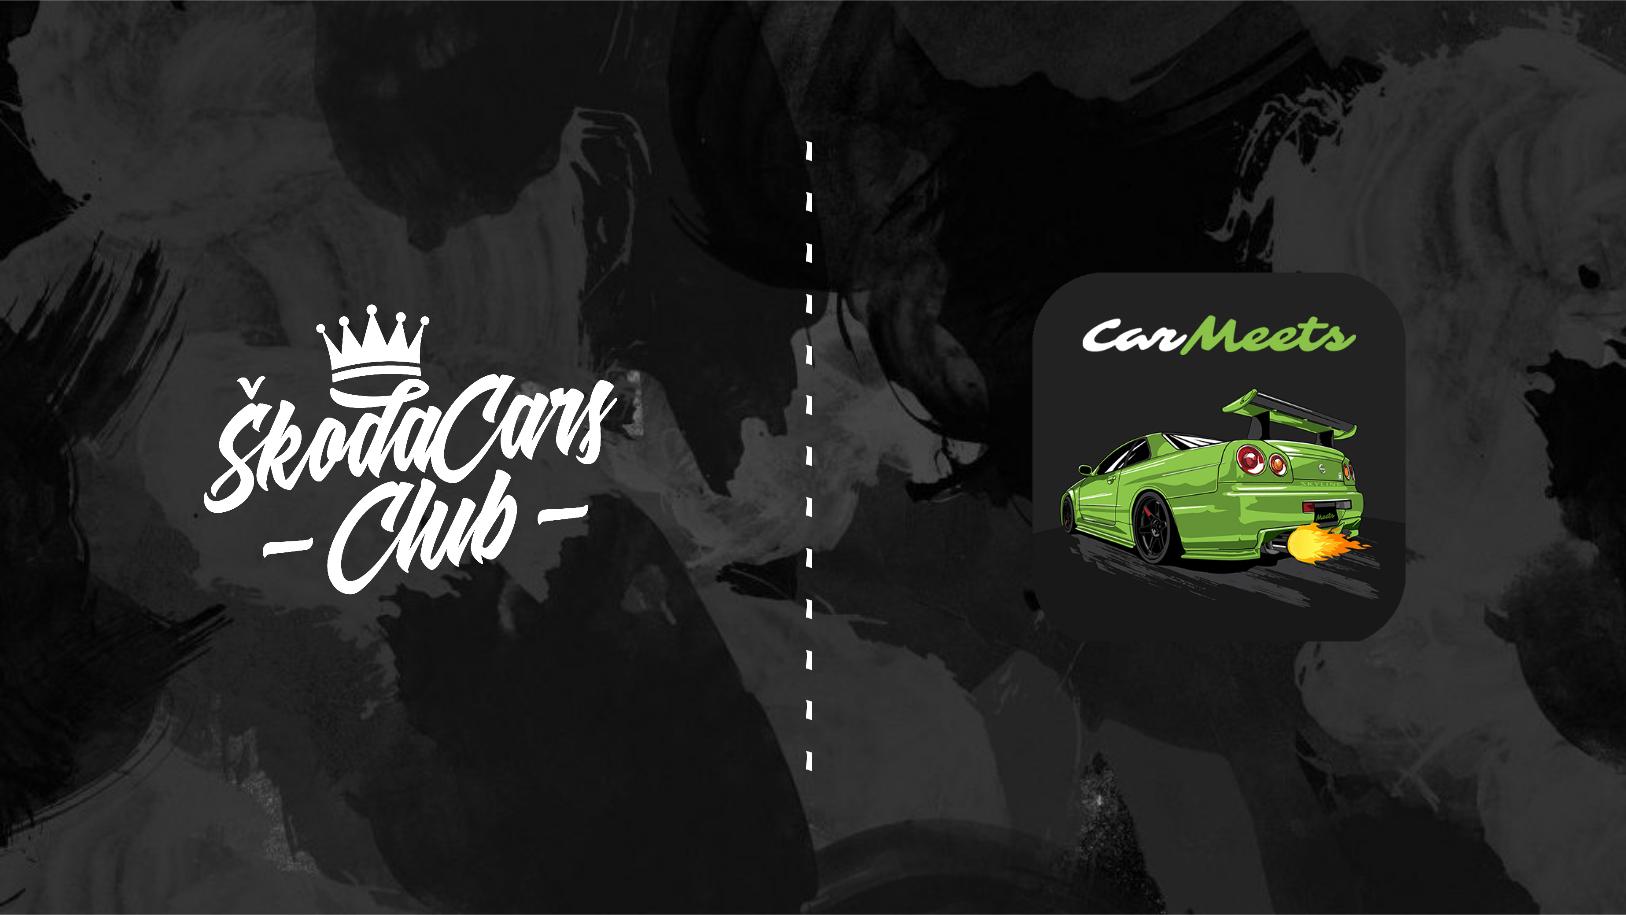 ŠkodaCars Club v appke CarMeets